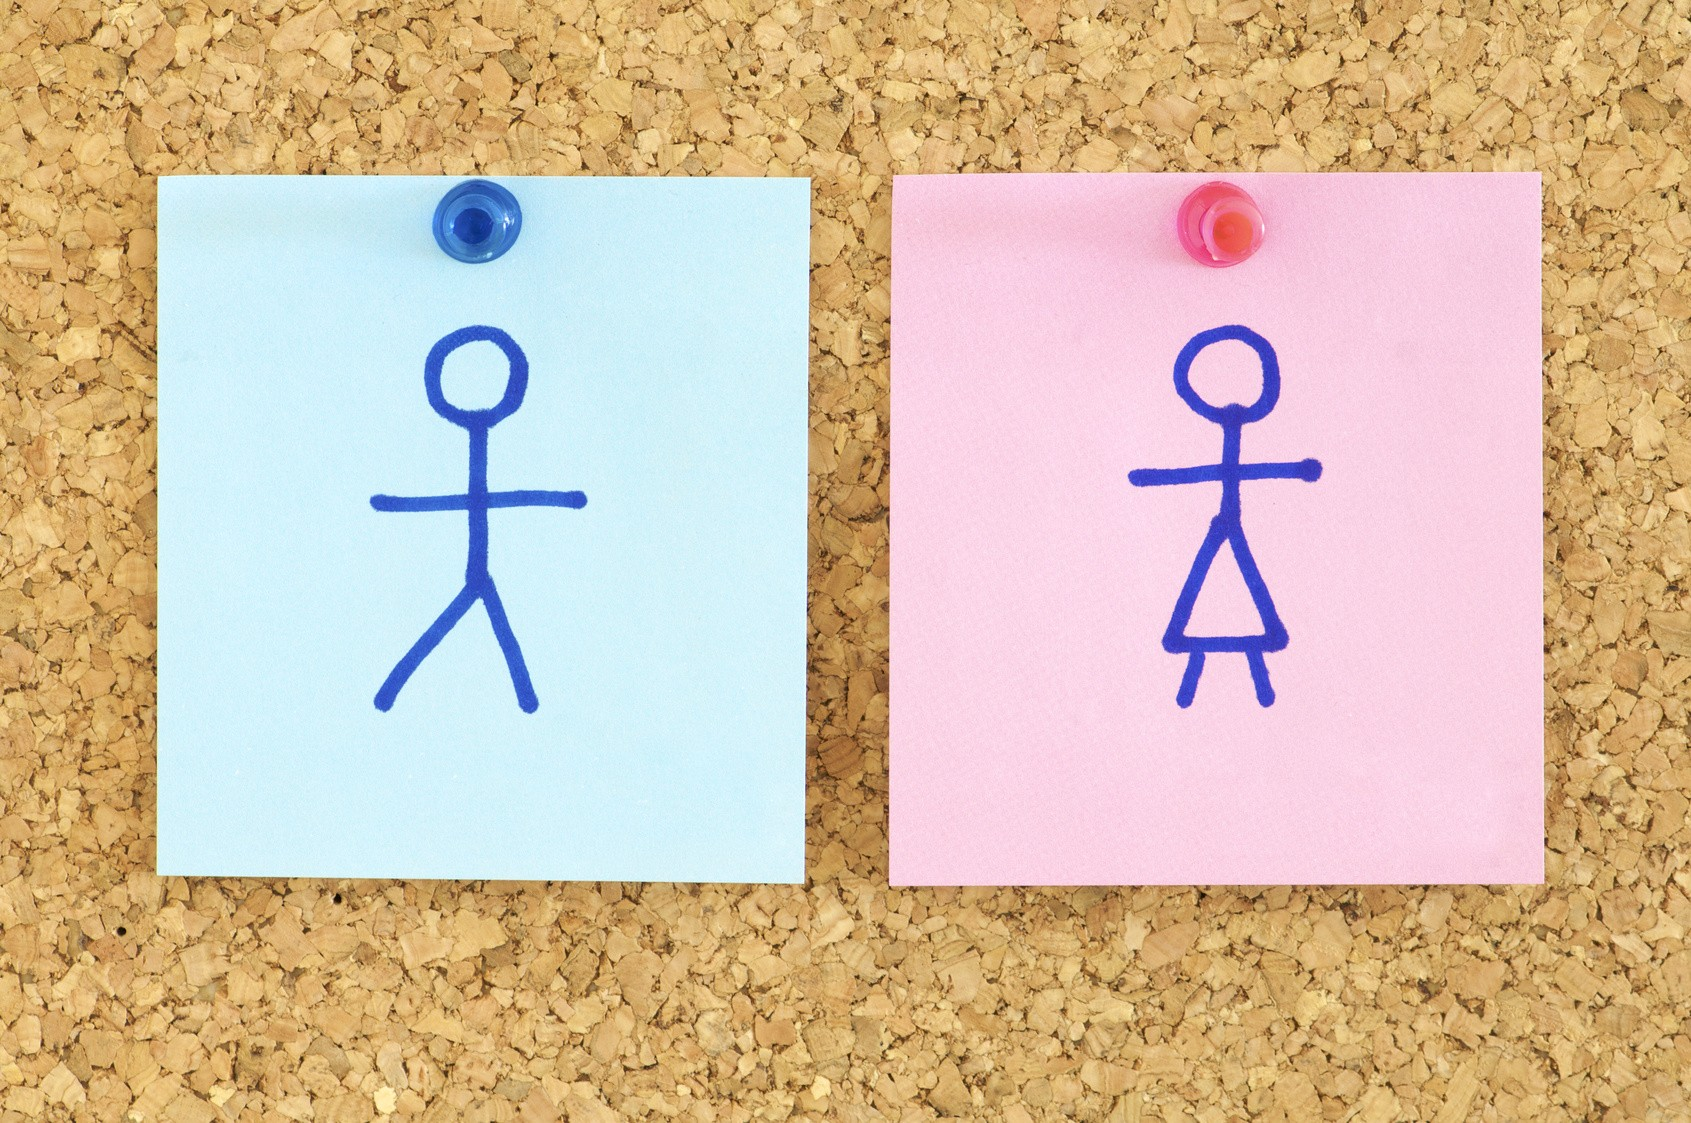 Día europeo por la igualdad salarial entre mujeres y hombres